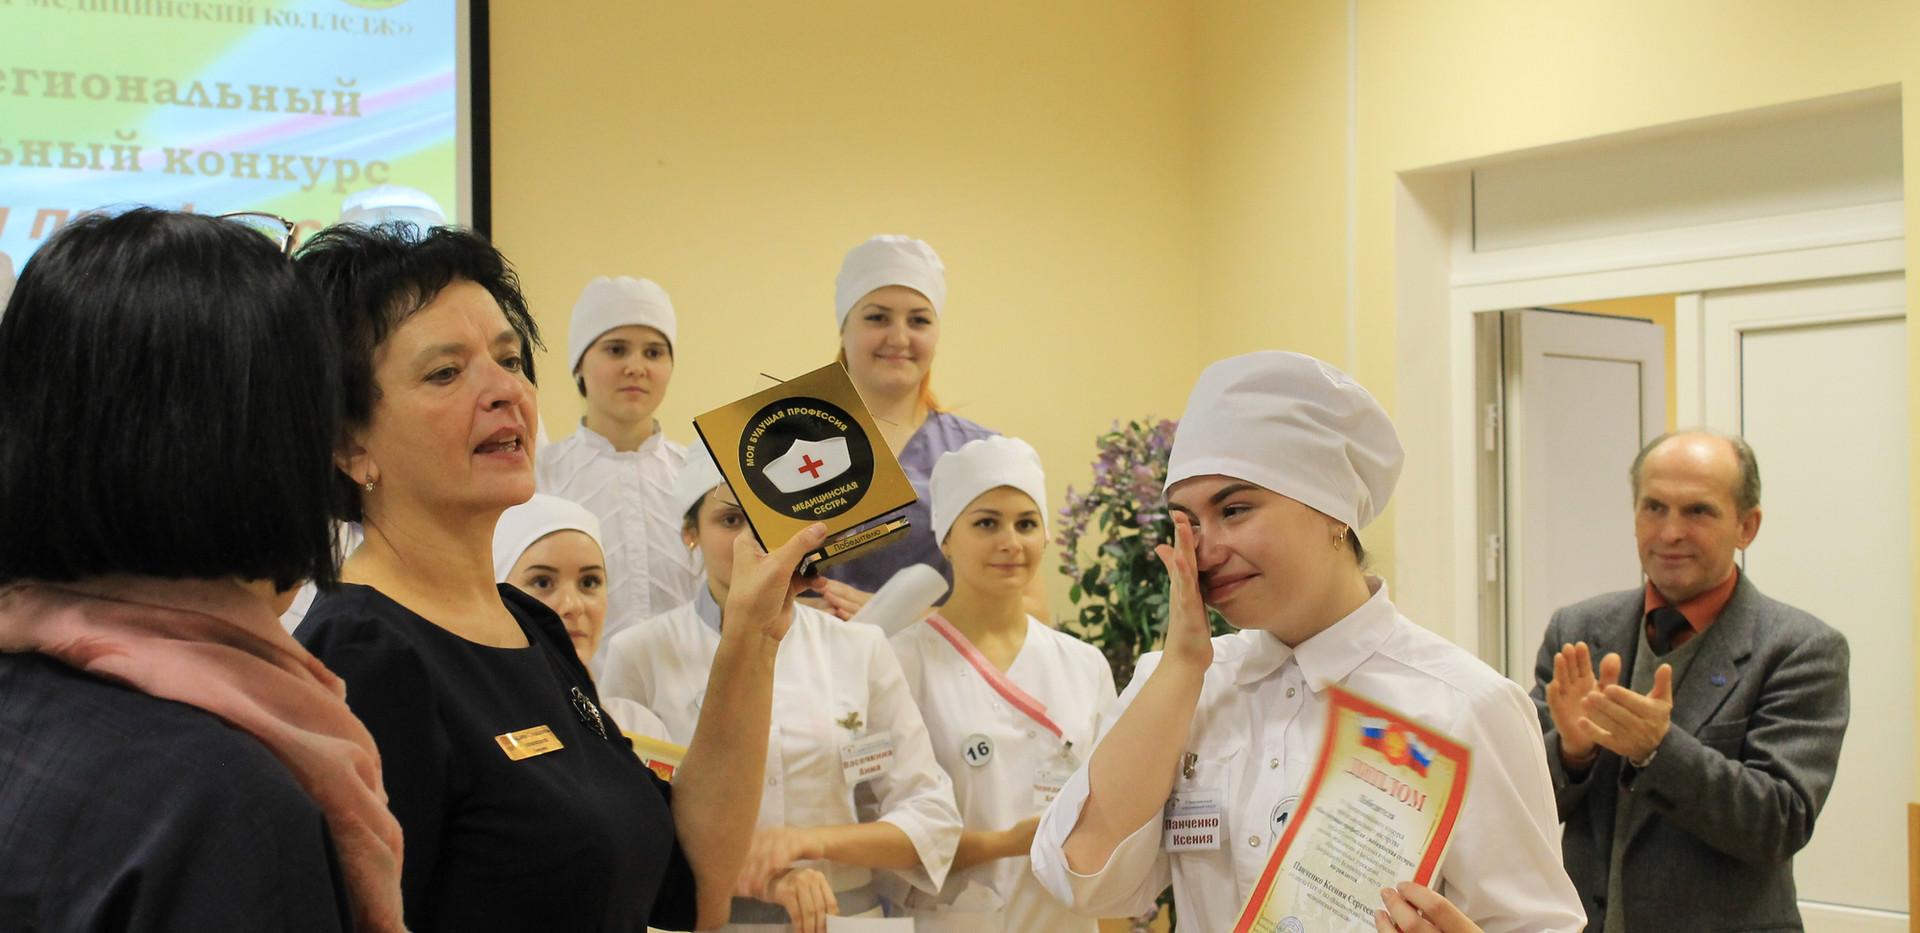 победитель - Панченко Ксения Сергеевна -